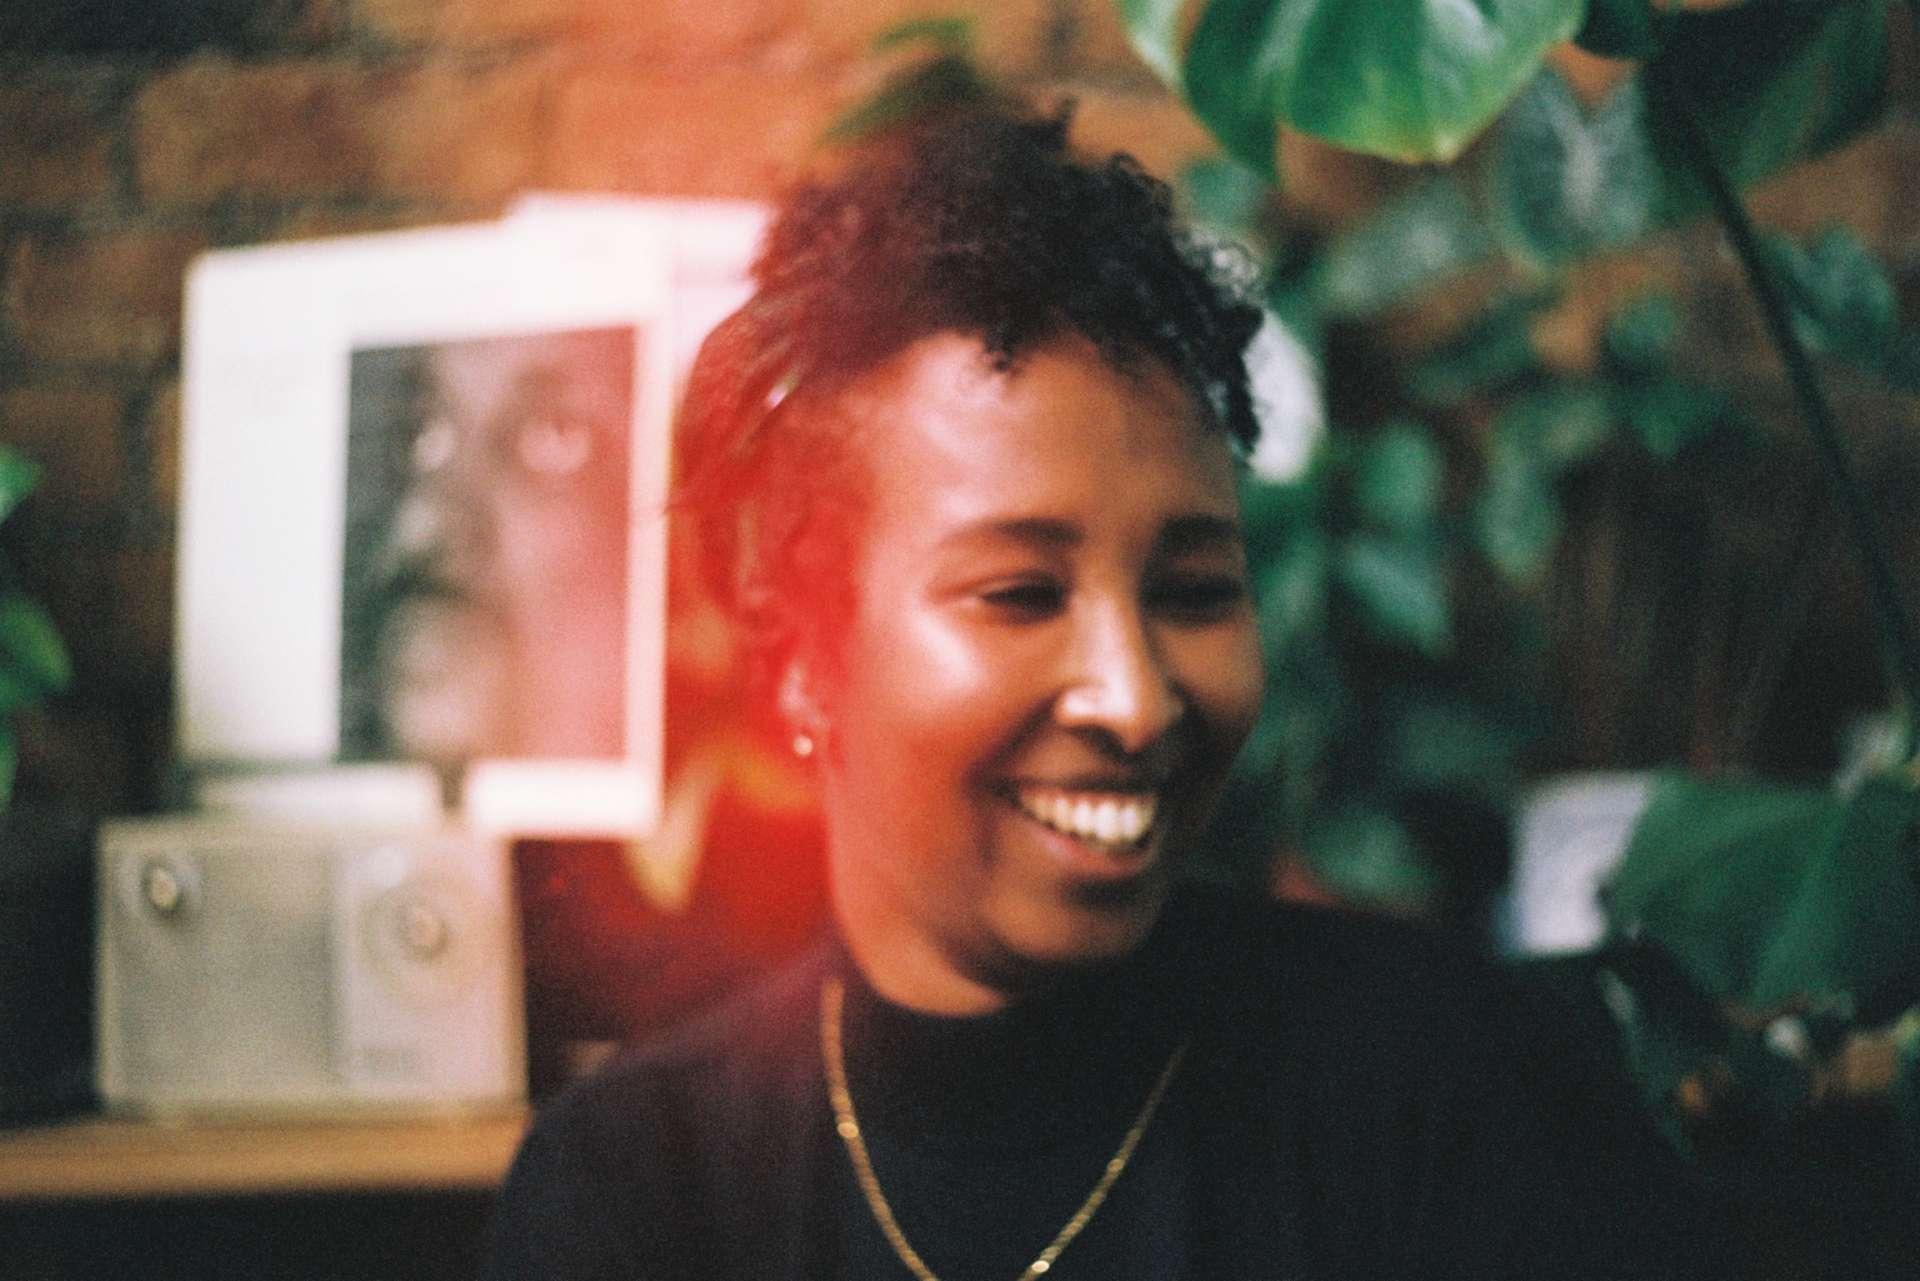 Samira Farah